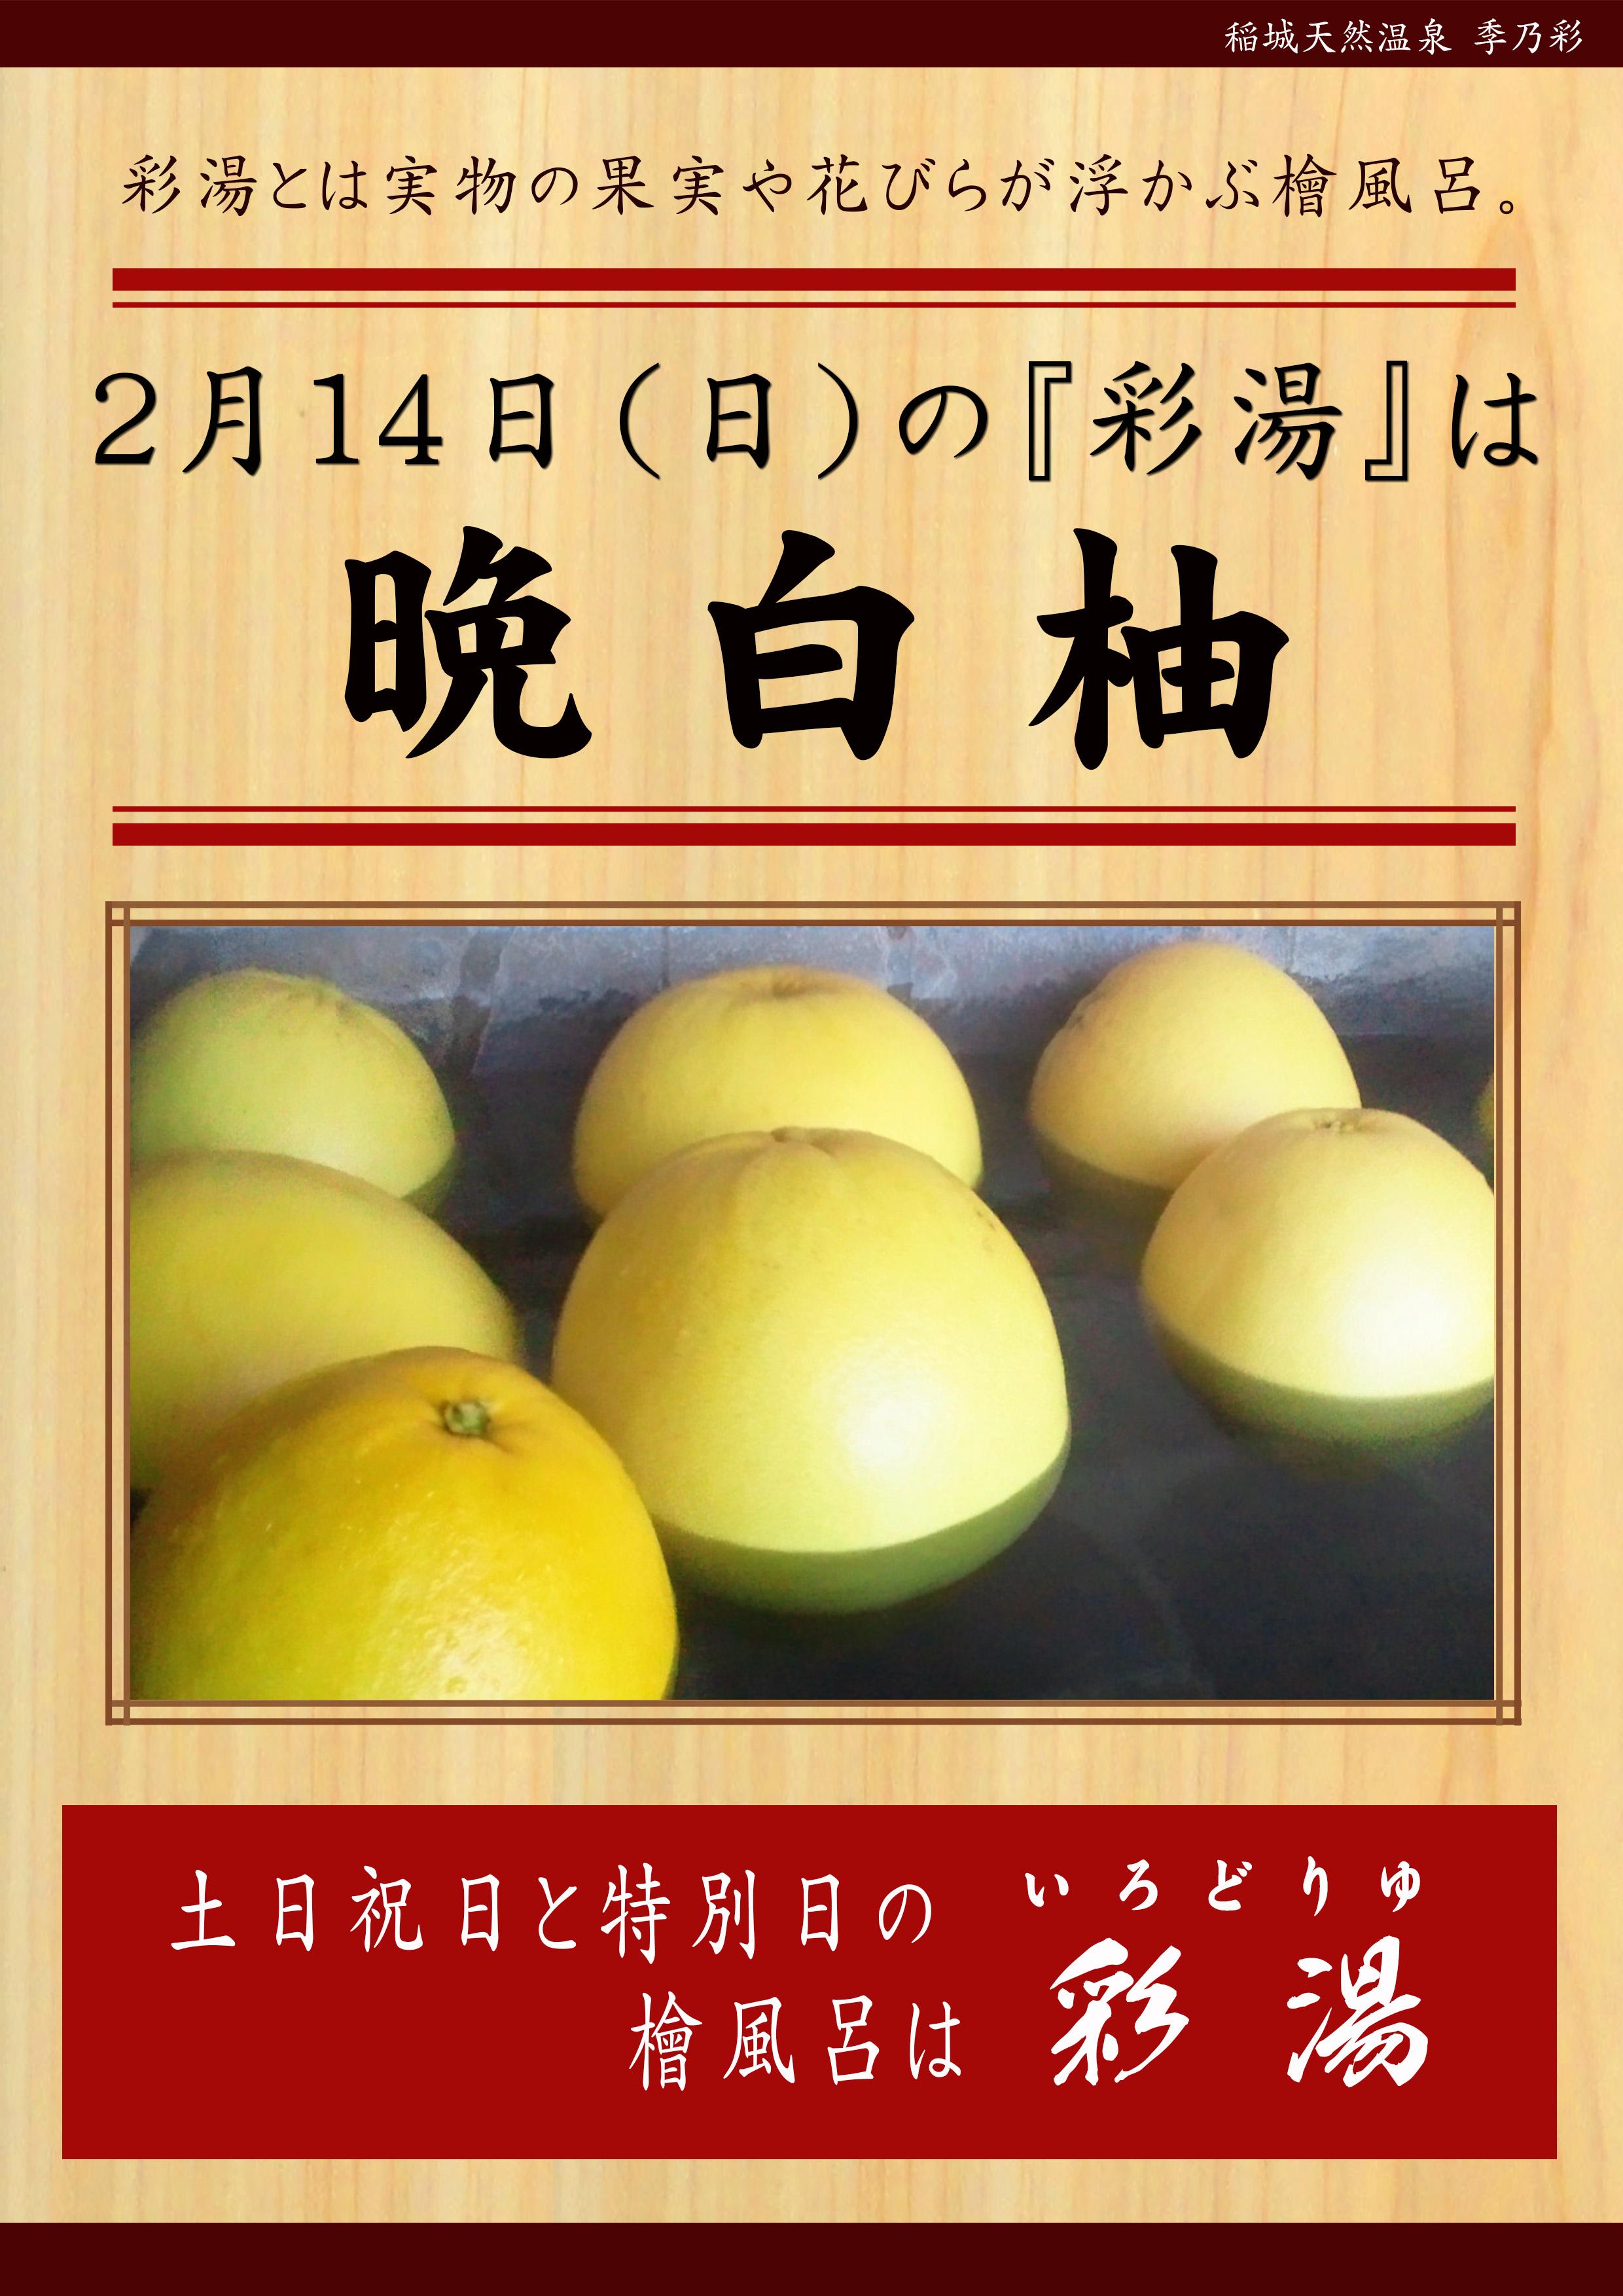 0214彩湯 晩白柚